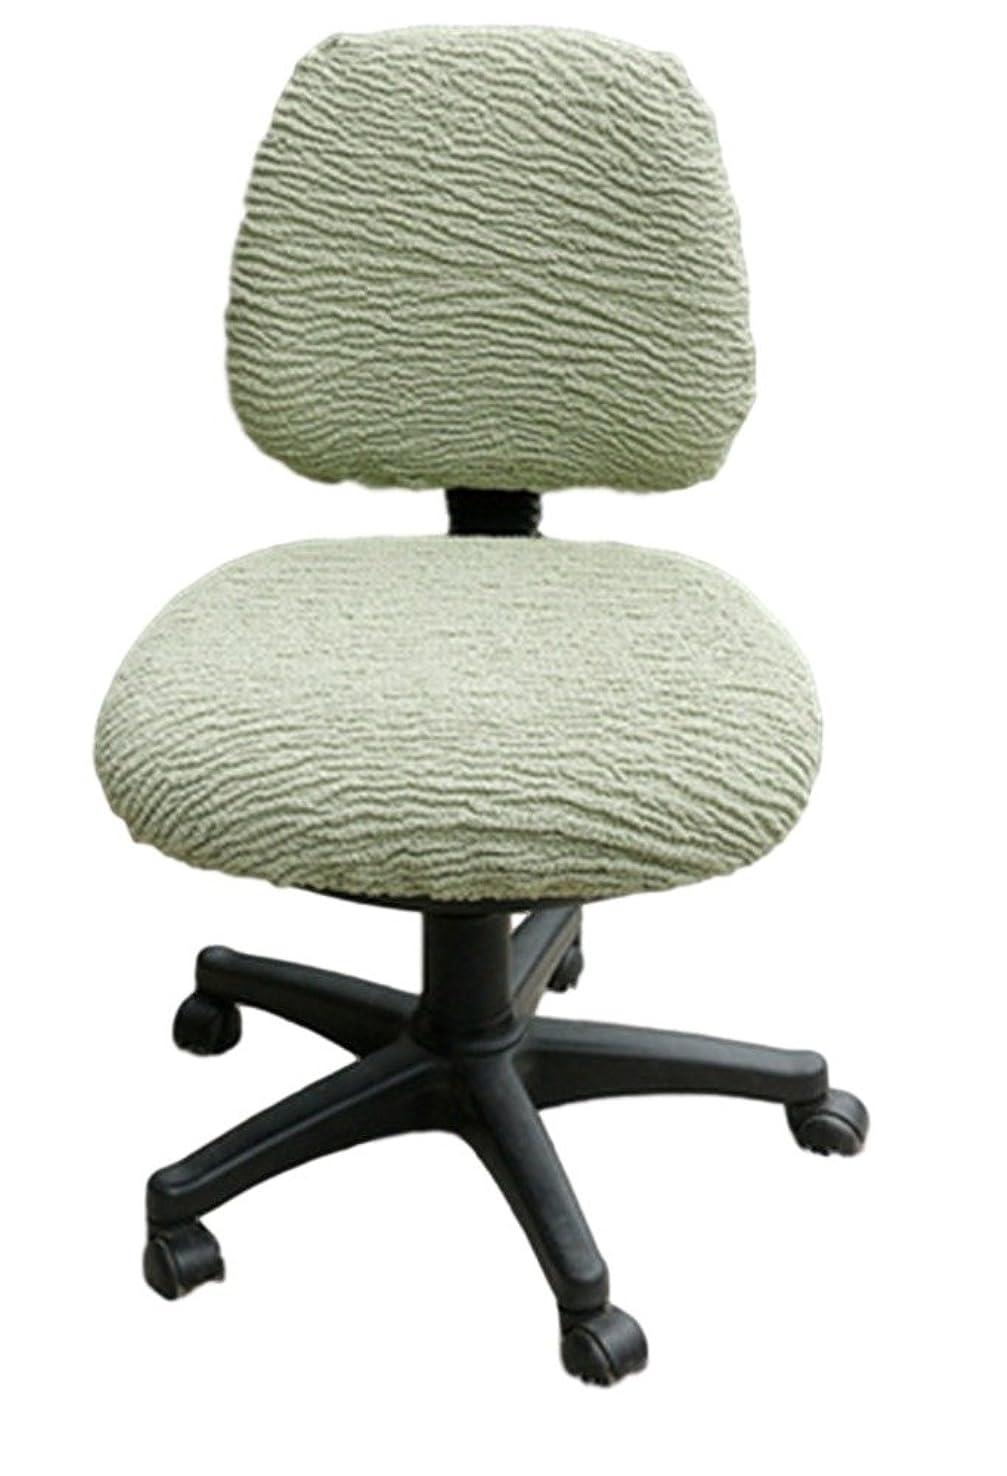 警告かなり追放するオフィスチェアカバー 椅子カバー チェアカバー 【DauStage】 伸縮素材 選べる 6色 マイクロファイバークロス付き (06、グリーン)